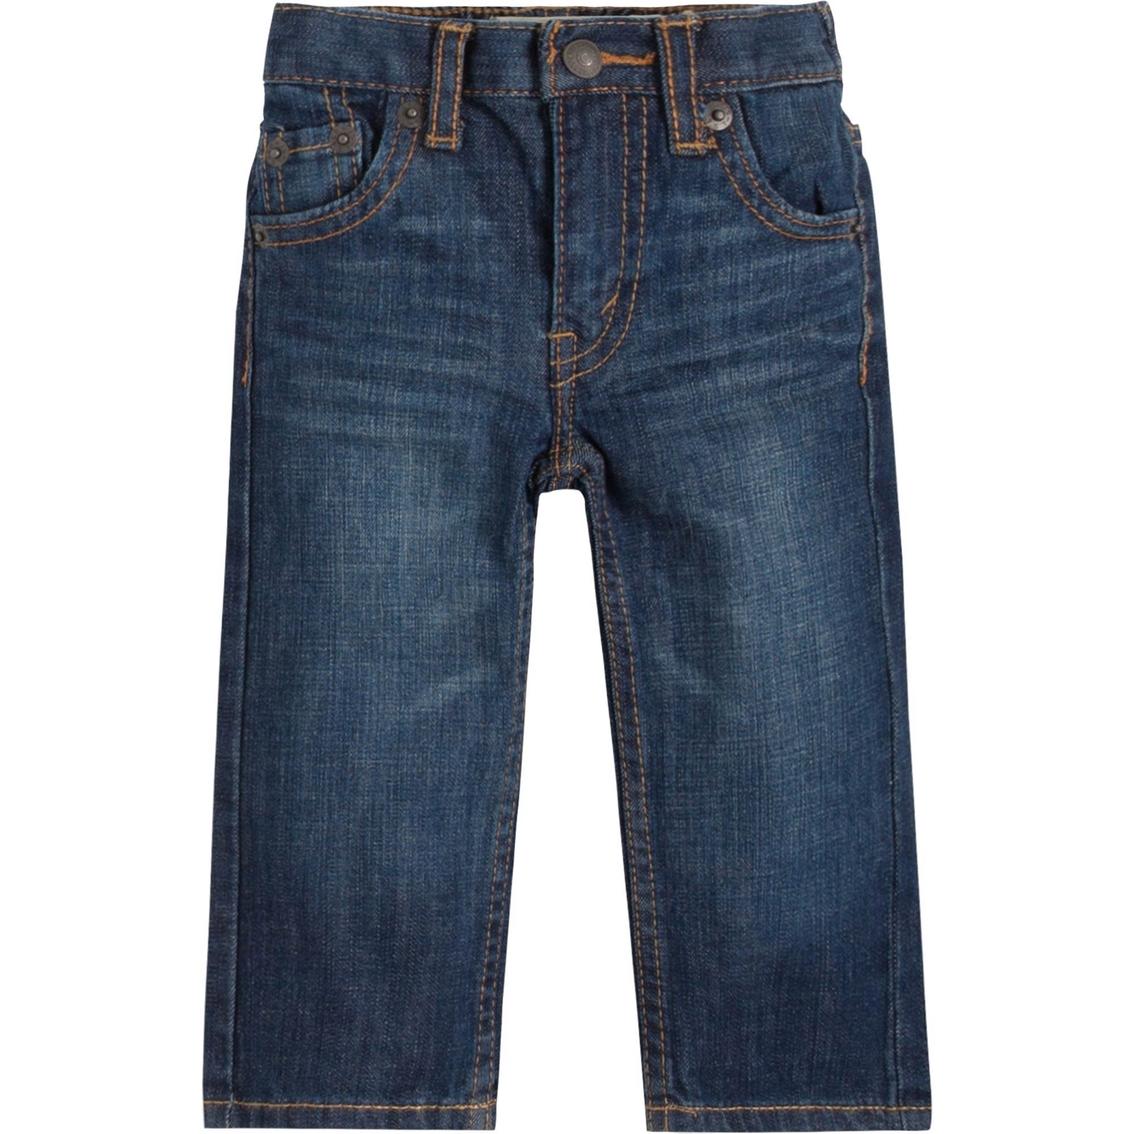 Levi's Infant Boys 526 Regular Fit Denim Blue Jeans | Toddlers ...